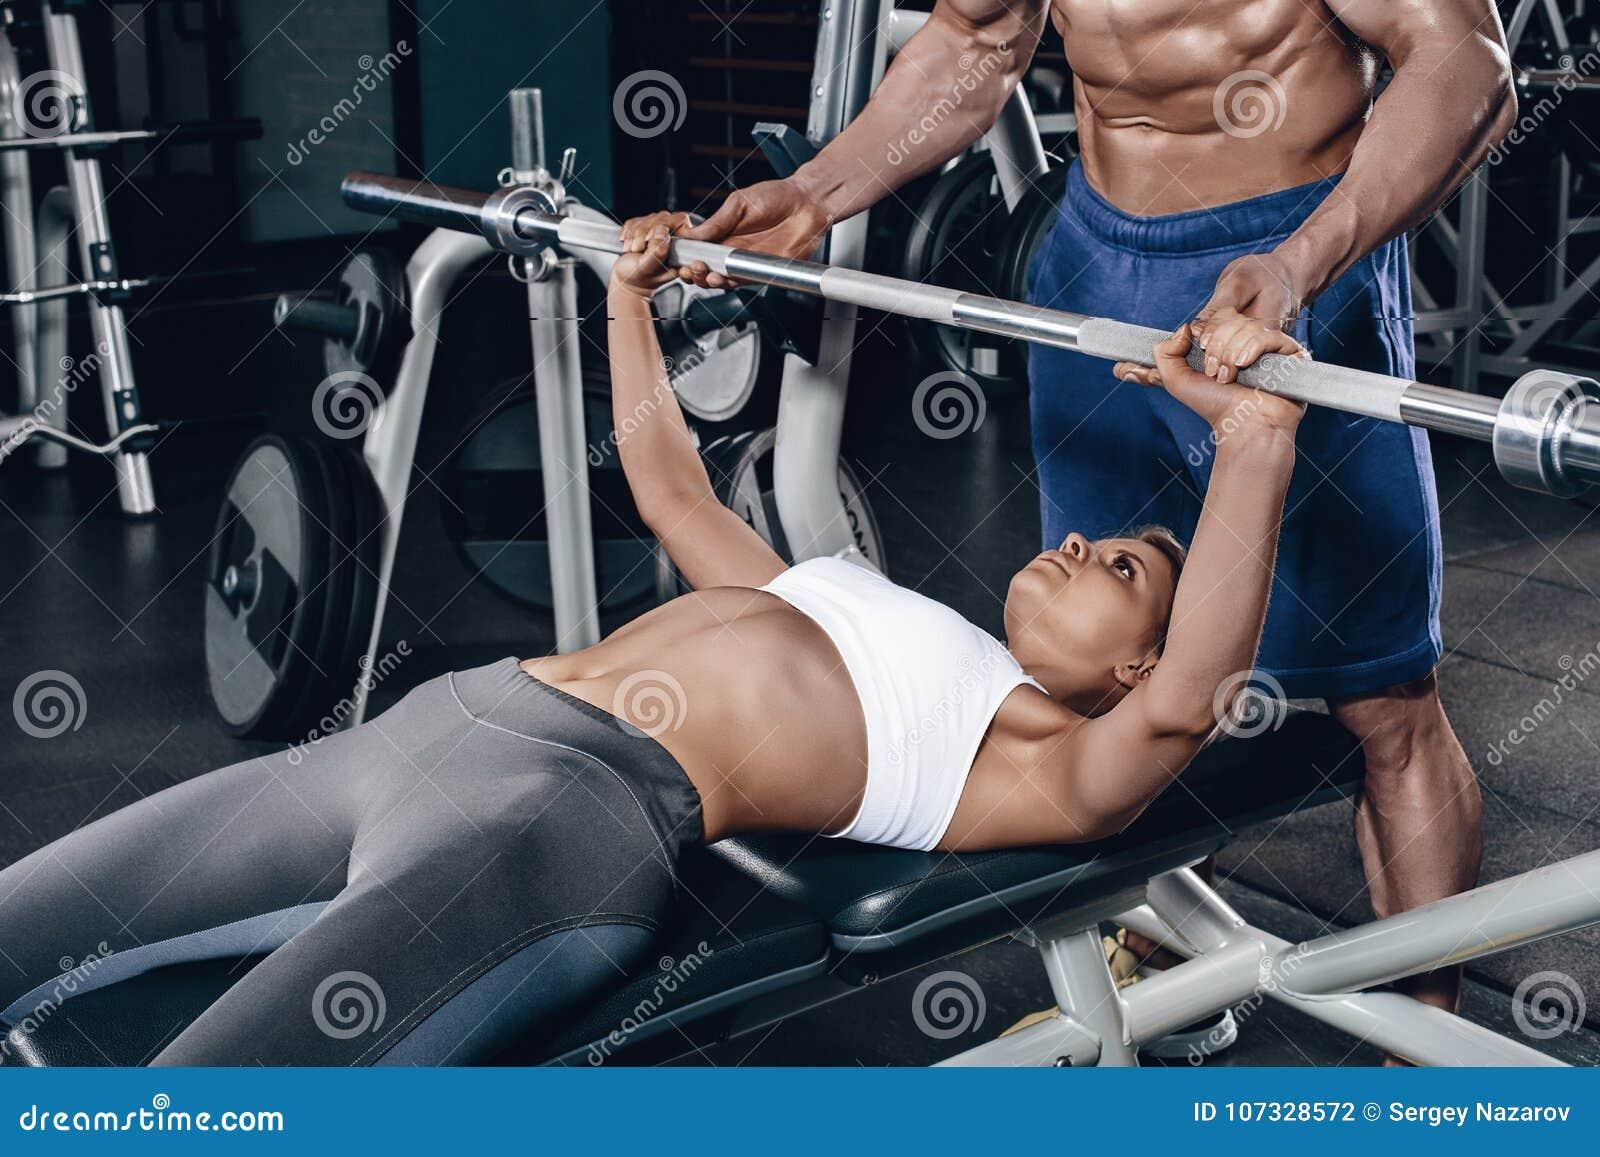 De persoonlijke trainer die een jonge vrouw helpen heft een barbell op terwijl het uitwerken in een gymnastiek